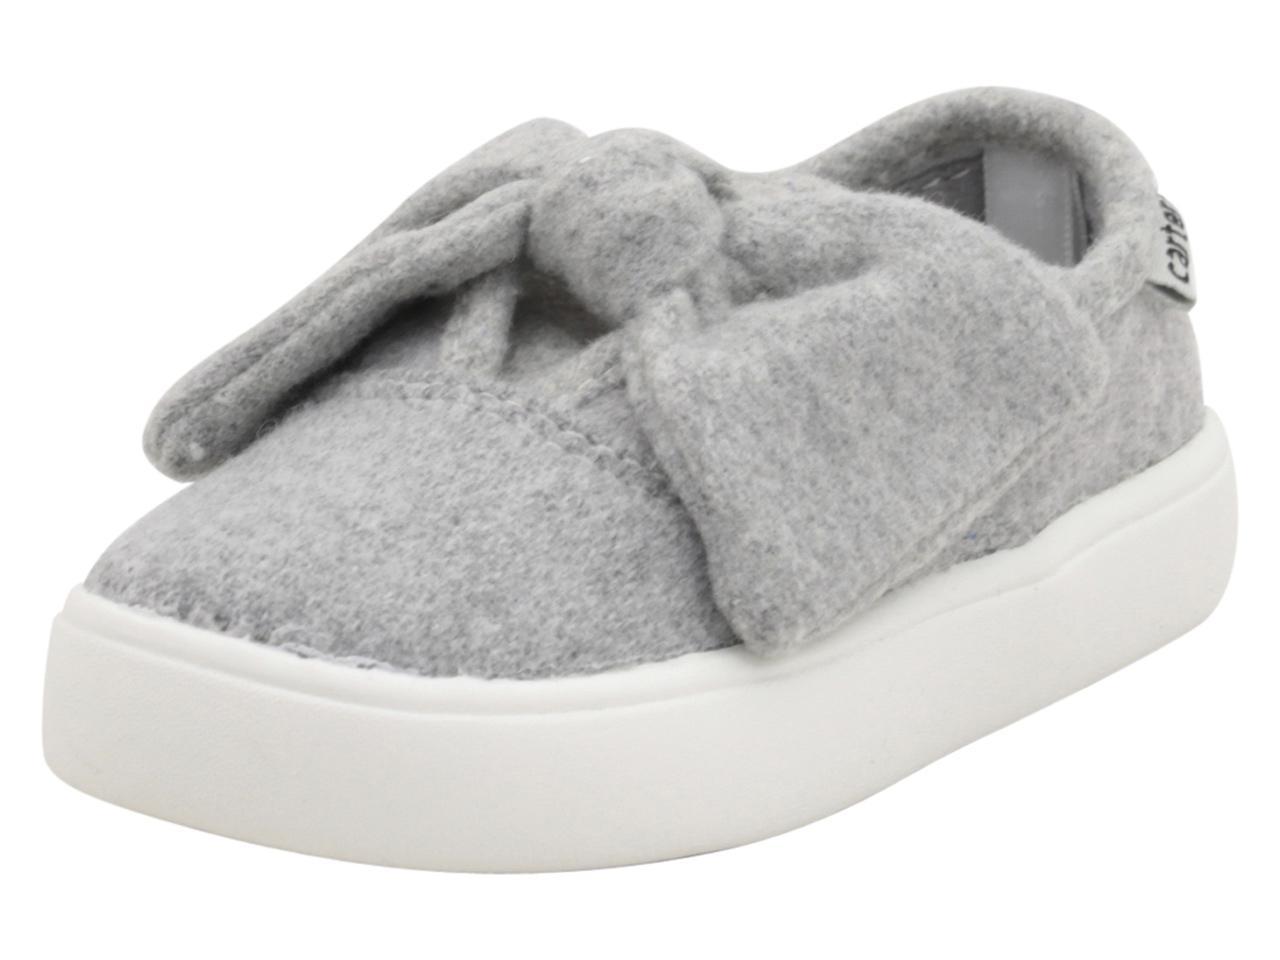 Image of - Grey - 10 M US Toddler